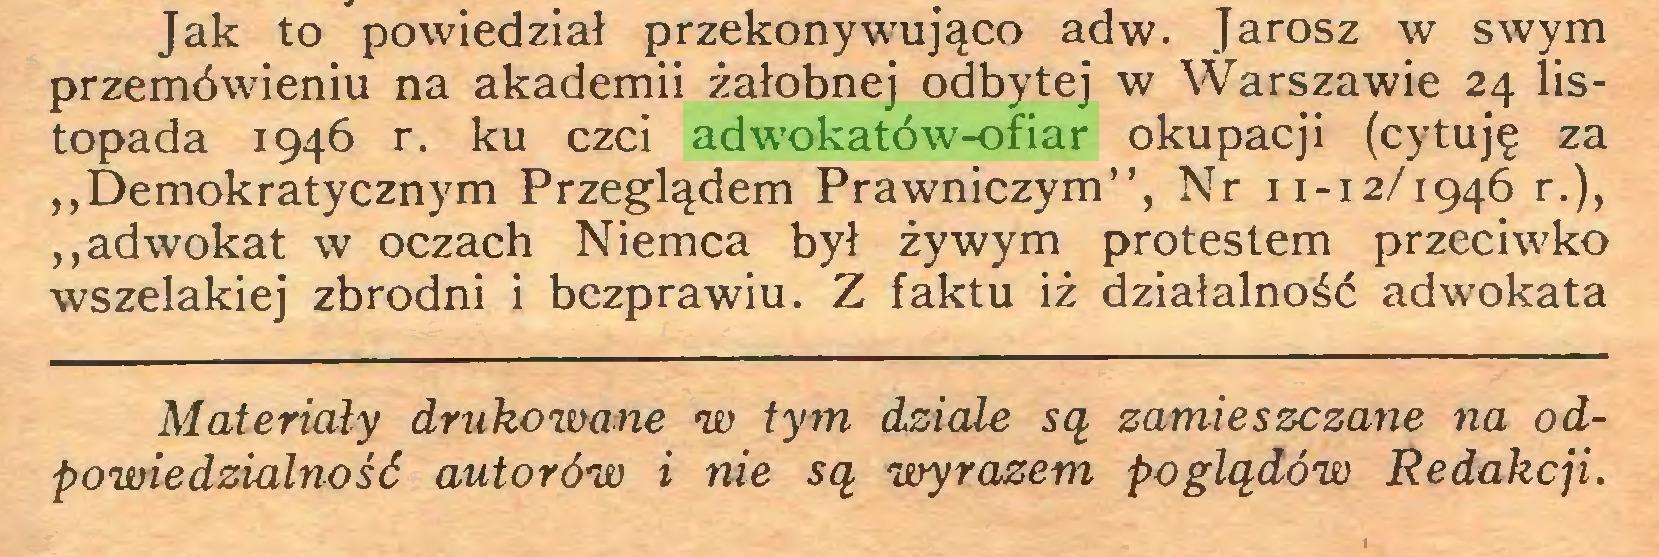 """(...) Jak to powiedział przekonywująco ad w. Jarosz w swym przemówieniu na akademii żałobnej odbytej w Warszawie 24 listopada 1946 r. ku czci adwokatów-ofiar okupacji (cytuję za ,,Demokratycznym Przeglądem Prawniczym"""", Nr 11-12/1946 r.), """"adwokat w oczach Niemca był żywym protestem przeciwko wszelakiej zbrodni i bezprawiu. Z faktu iż działalność adwokata Materiały drukowane w tym dziale są zamieszczane na odpowiedzialność autorów i nie są wyrazem poglądów Redakcji..."""